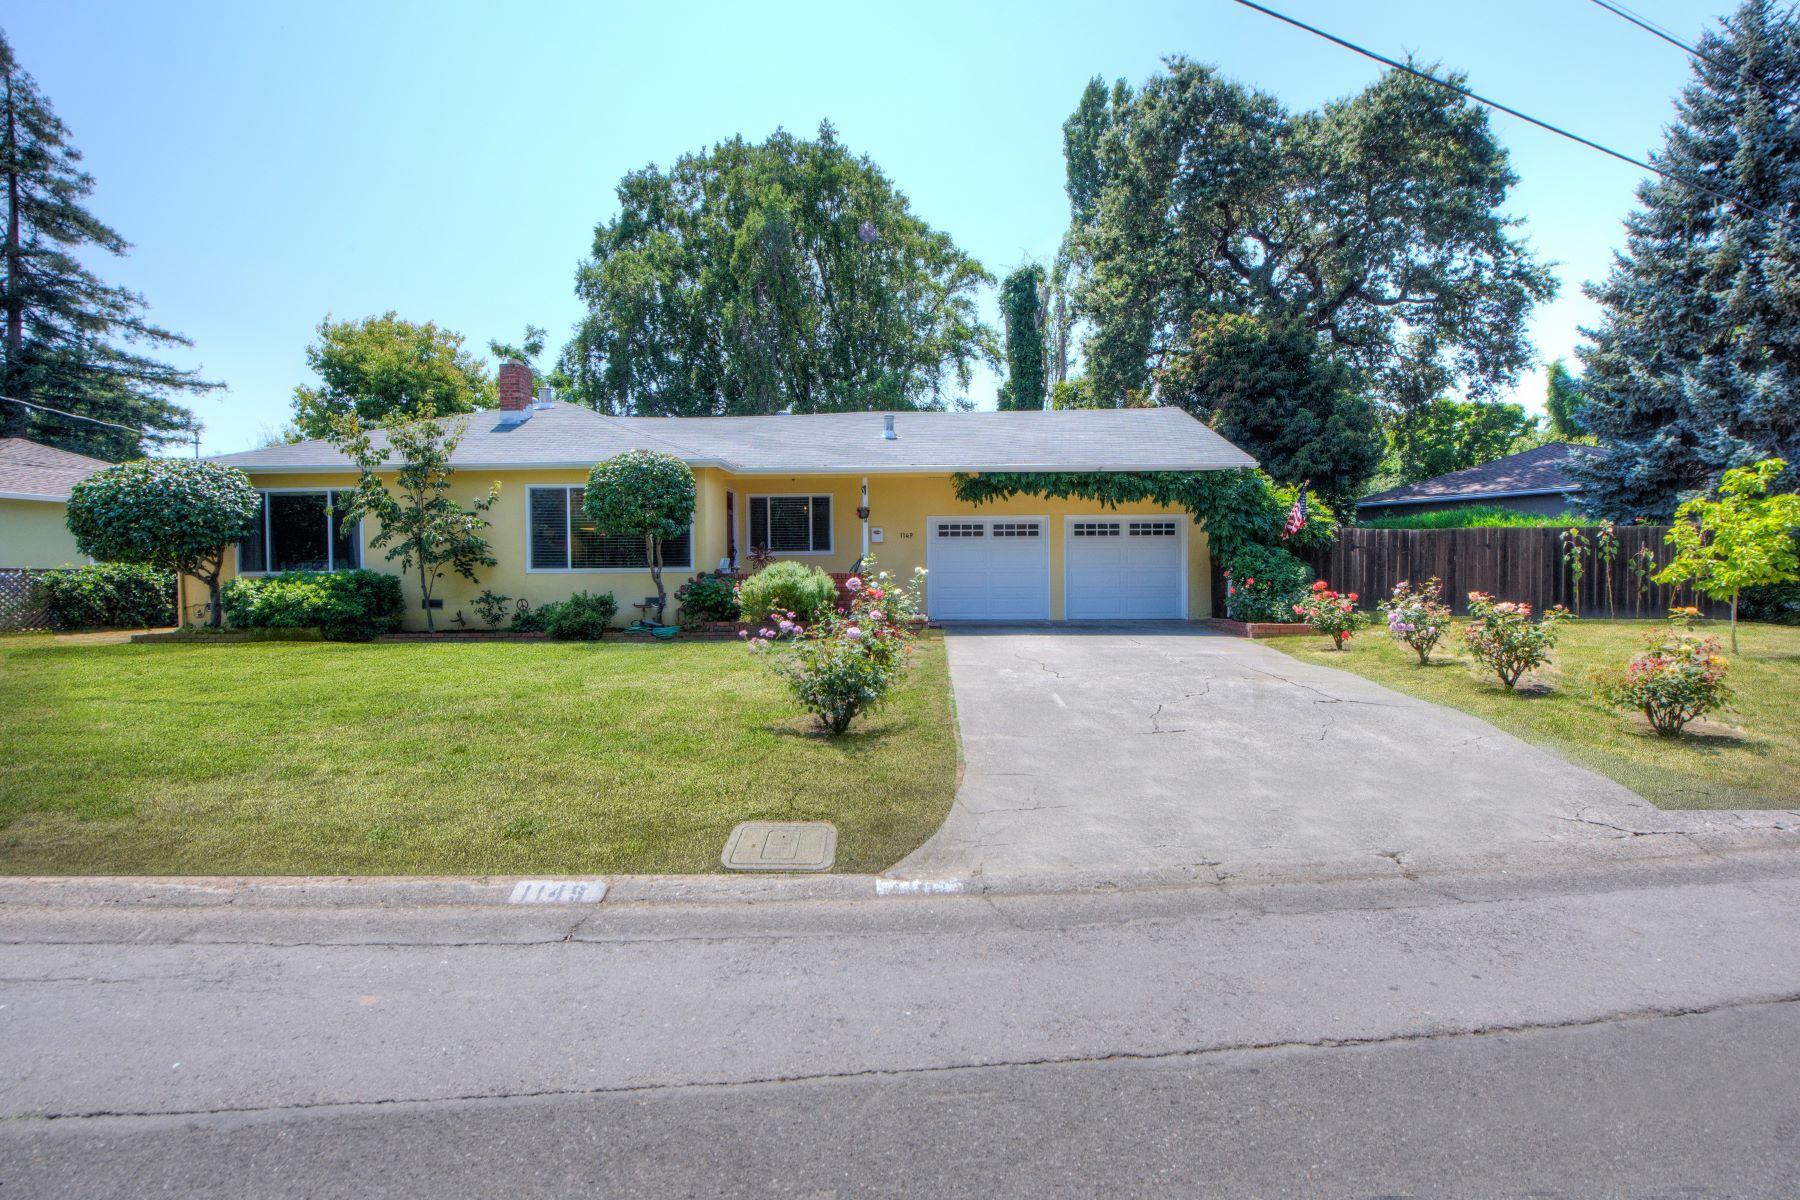 Maison unifamiliale pour l Vente à Charming Home in Downtown Novato 1149 Court Road Novato, Californie, 94945 États-Unis